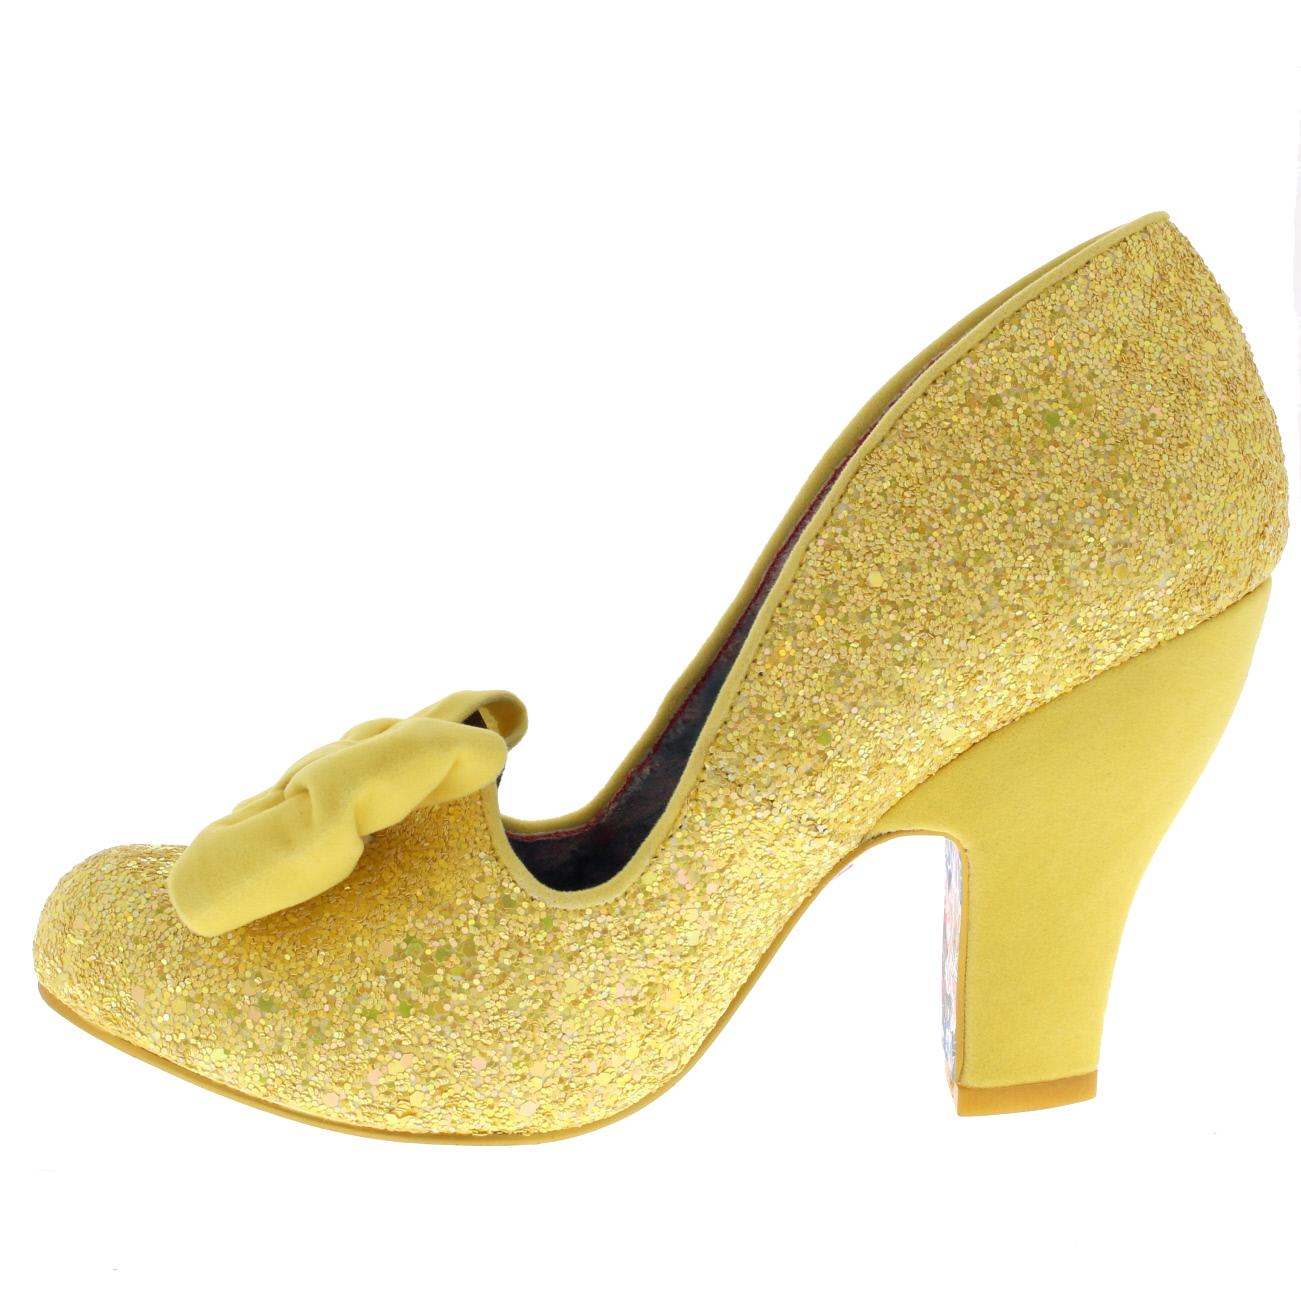 Ladies Irregular Choice Nick Of Time Bridal Wedding Slip On Court Shoe Bll Sizes